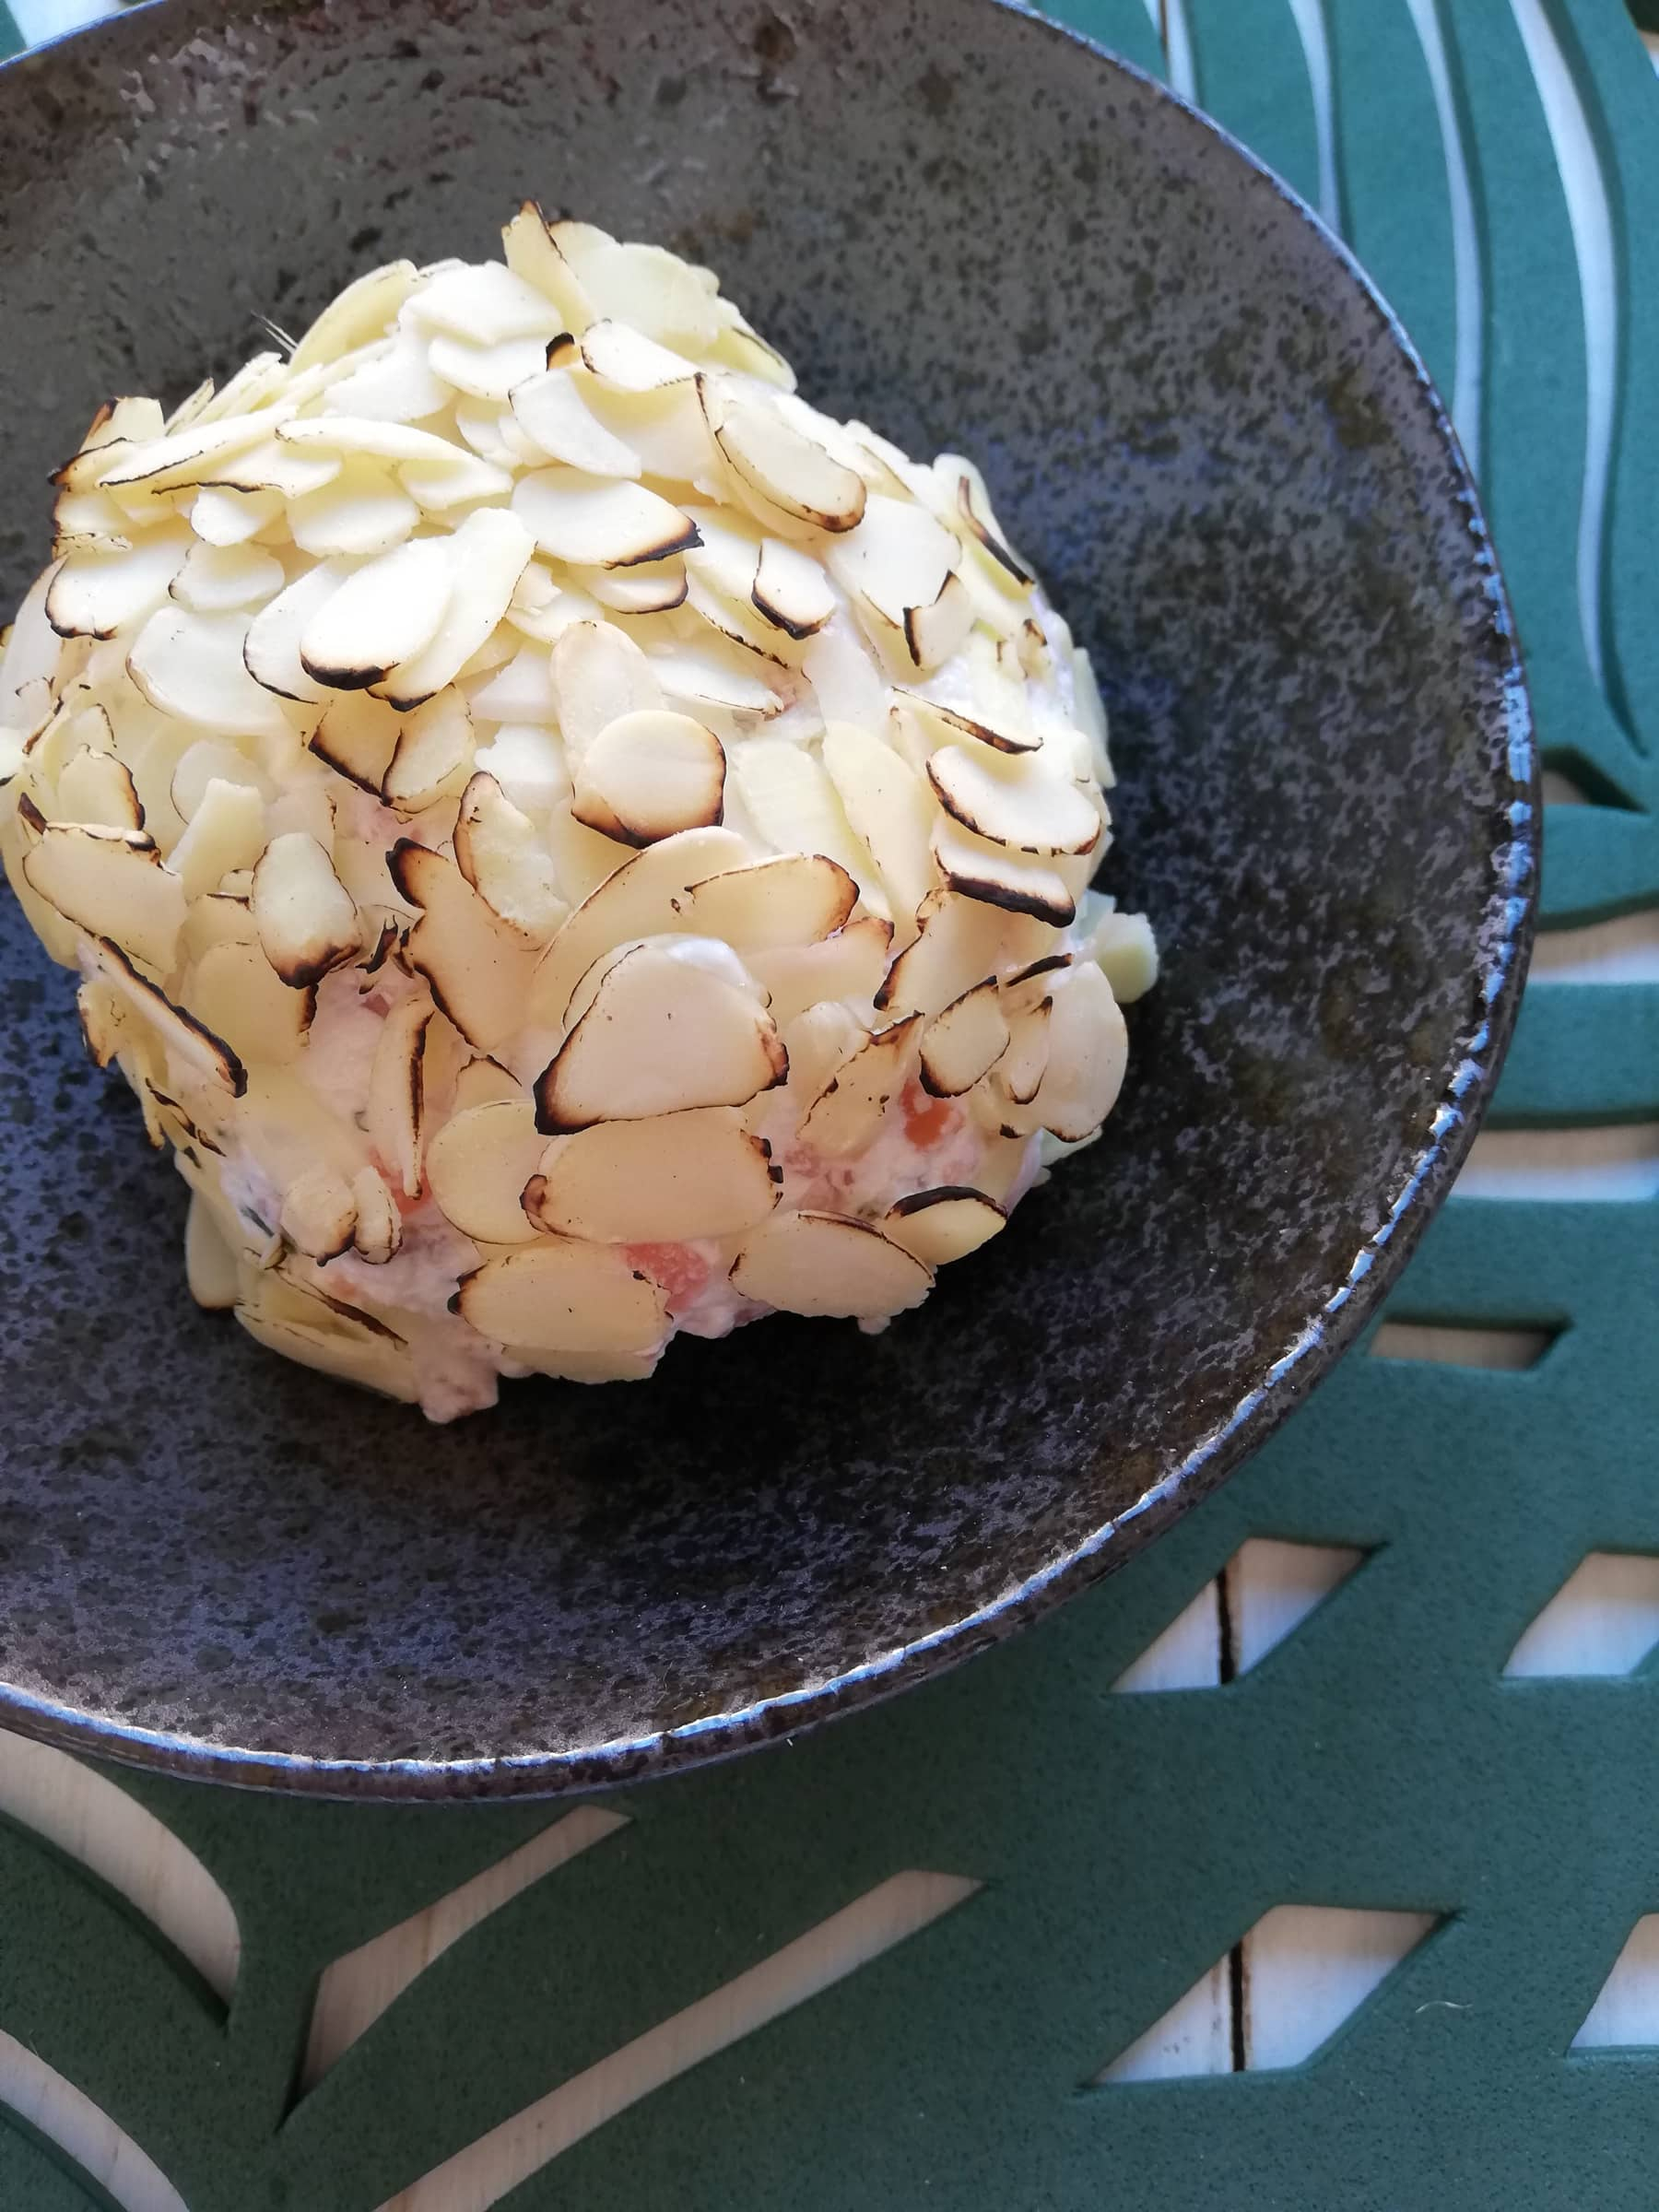 Bola de queso crema con salmón ahumado y almendras